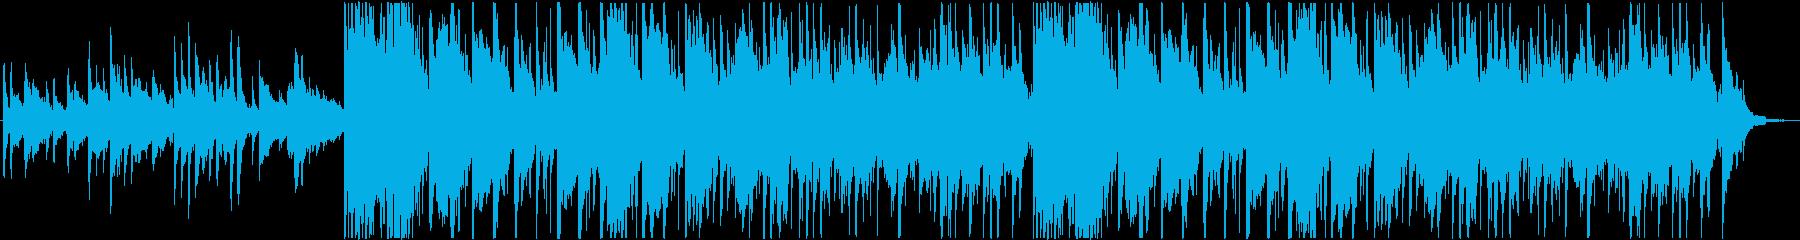 静かで優しい心温まるサウンドの再生済みの波形